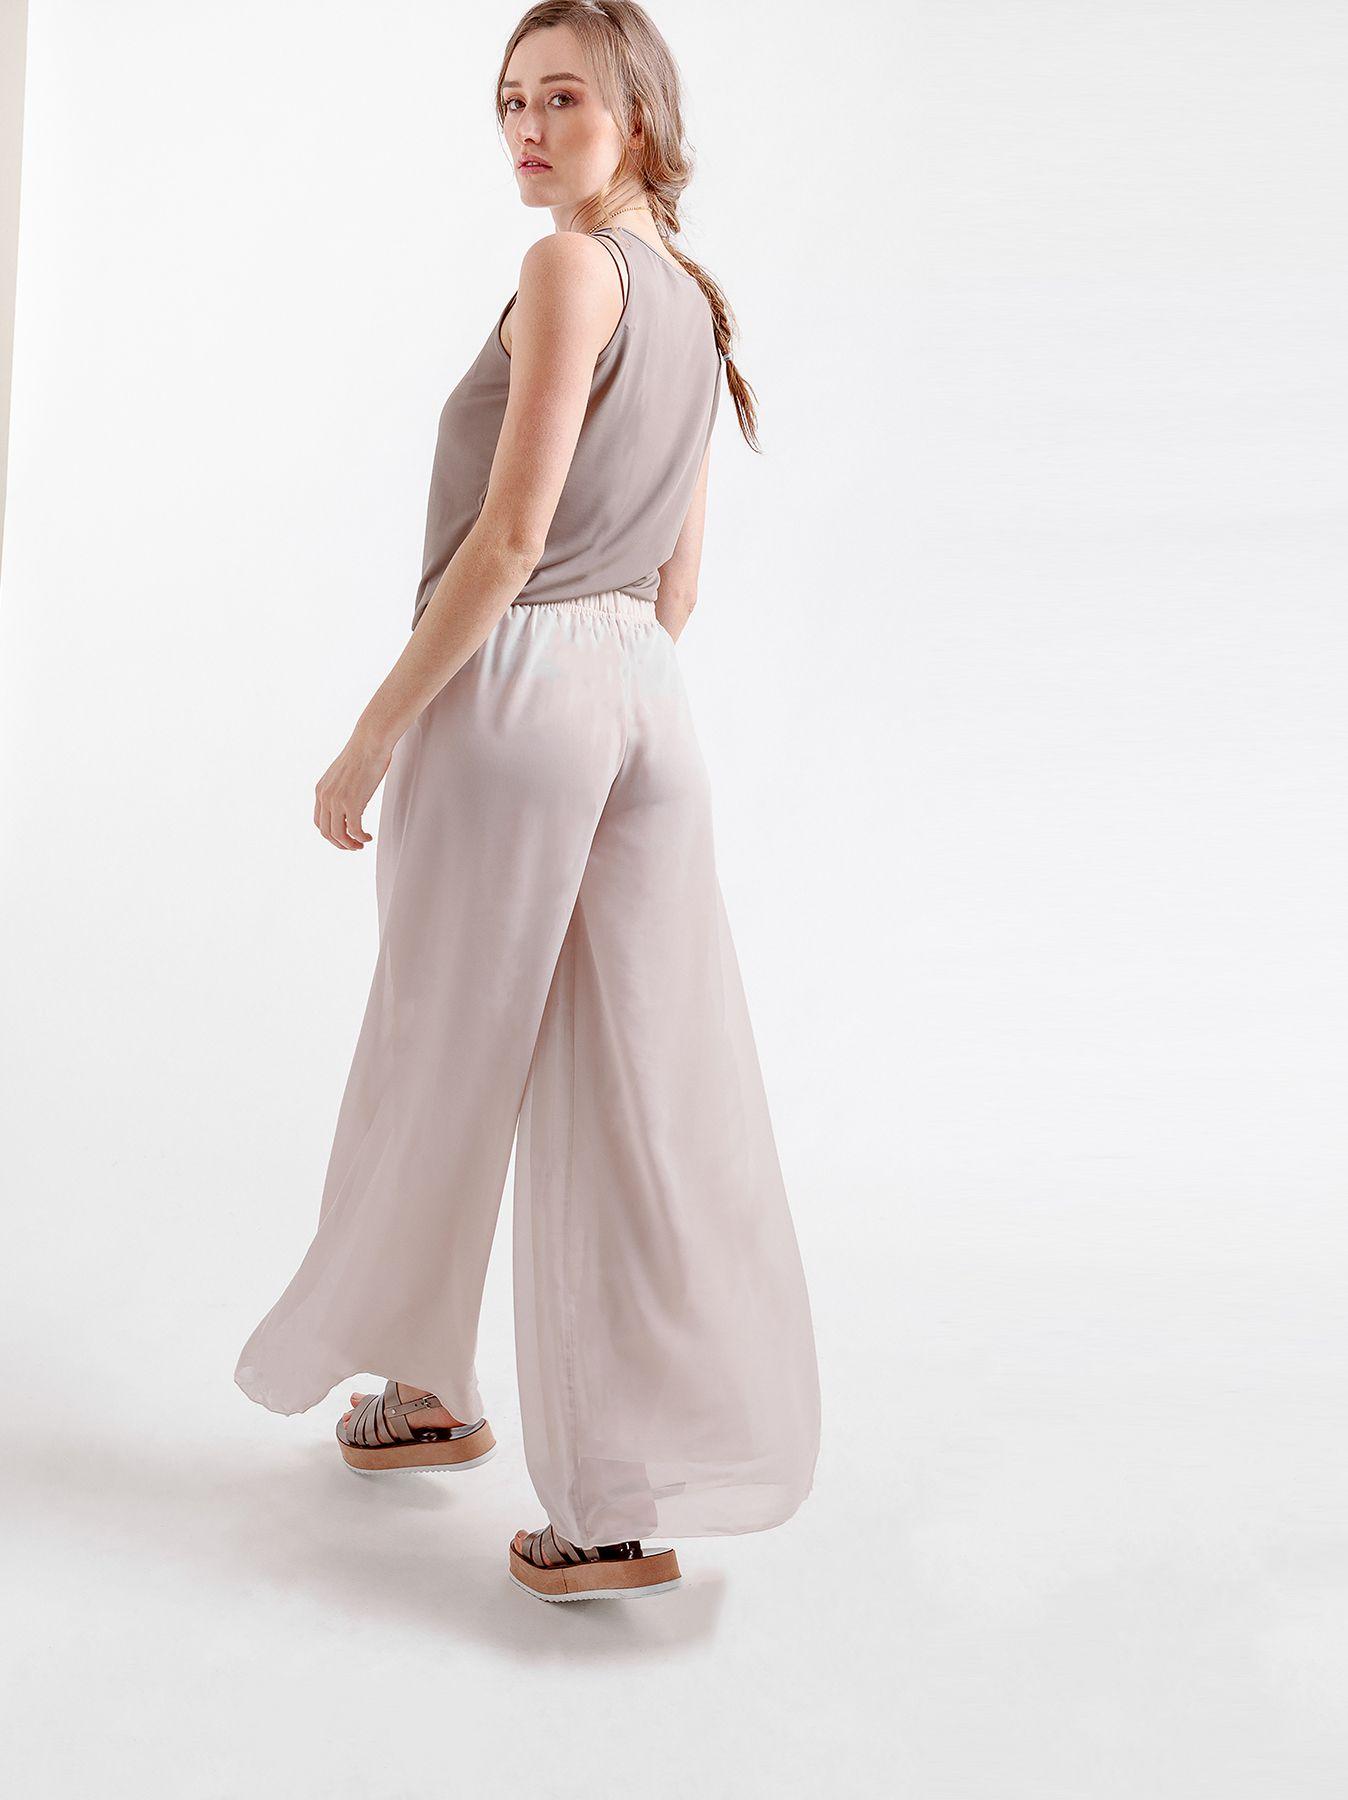 Elastic chiffon trousers